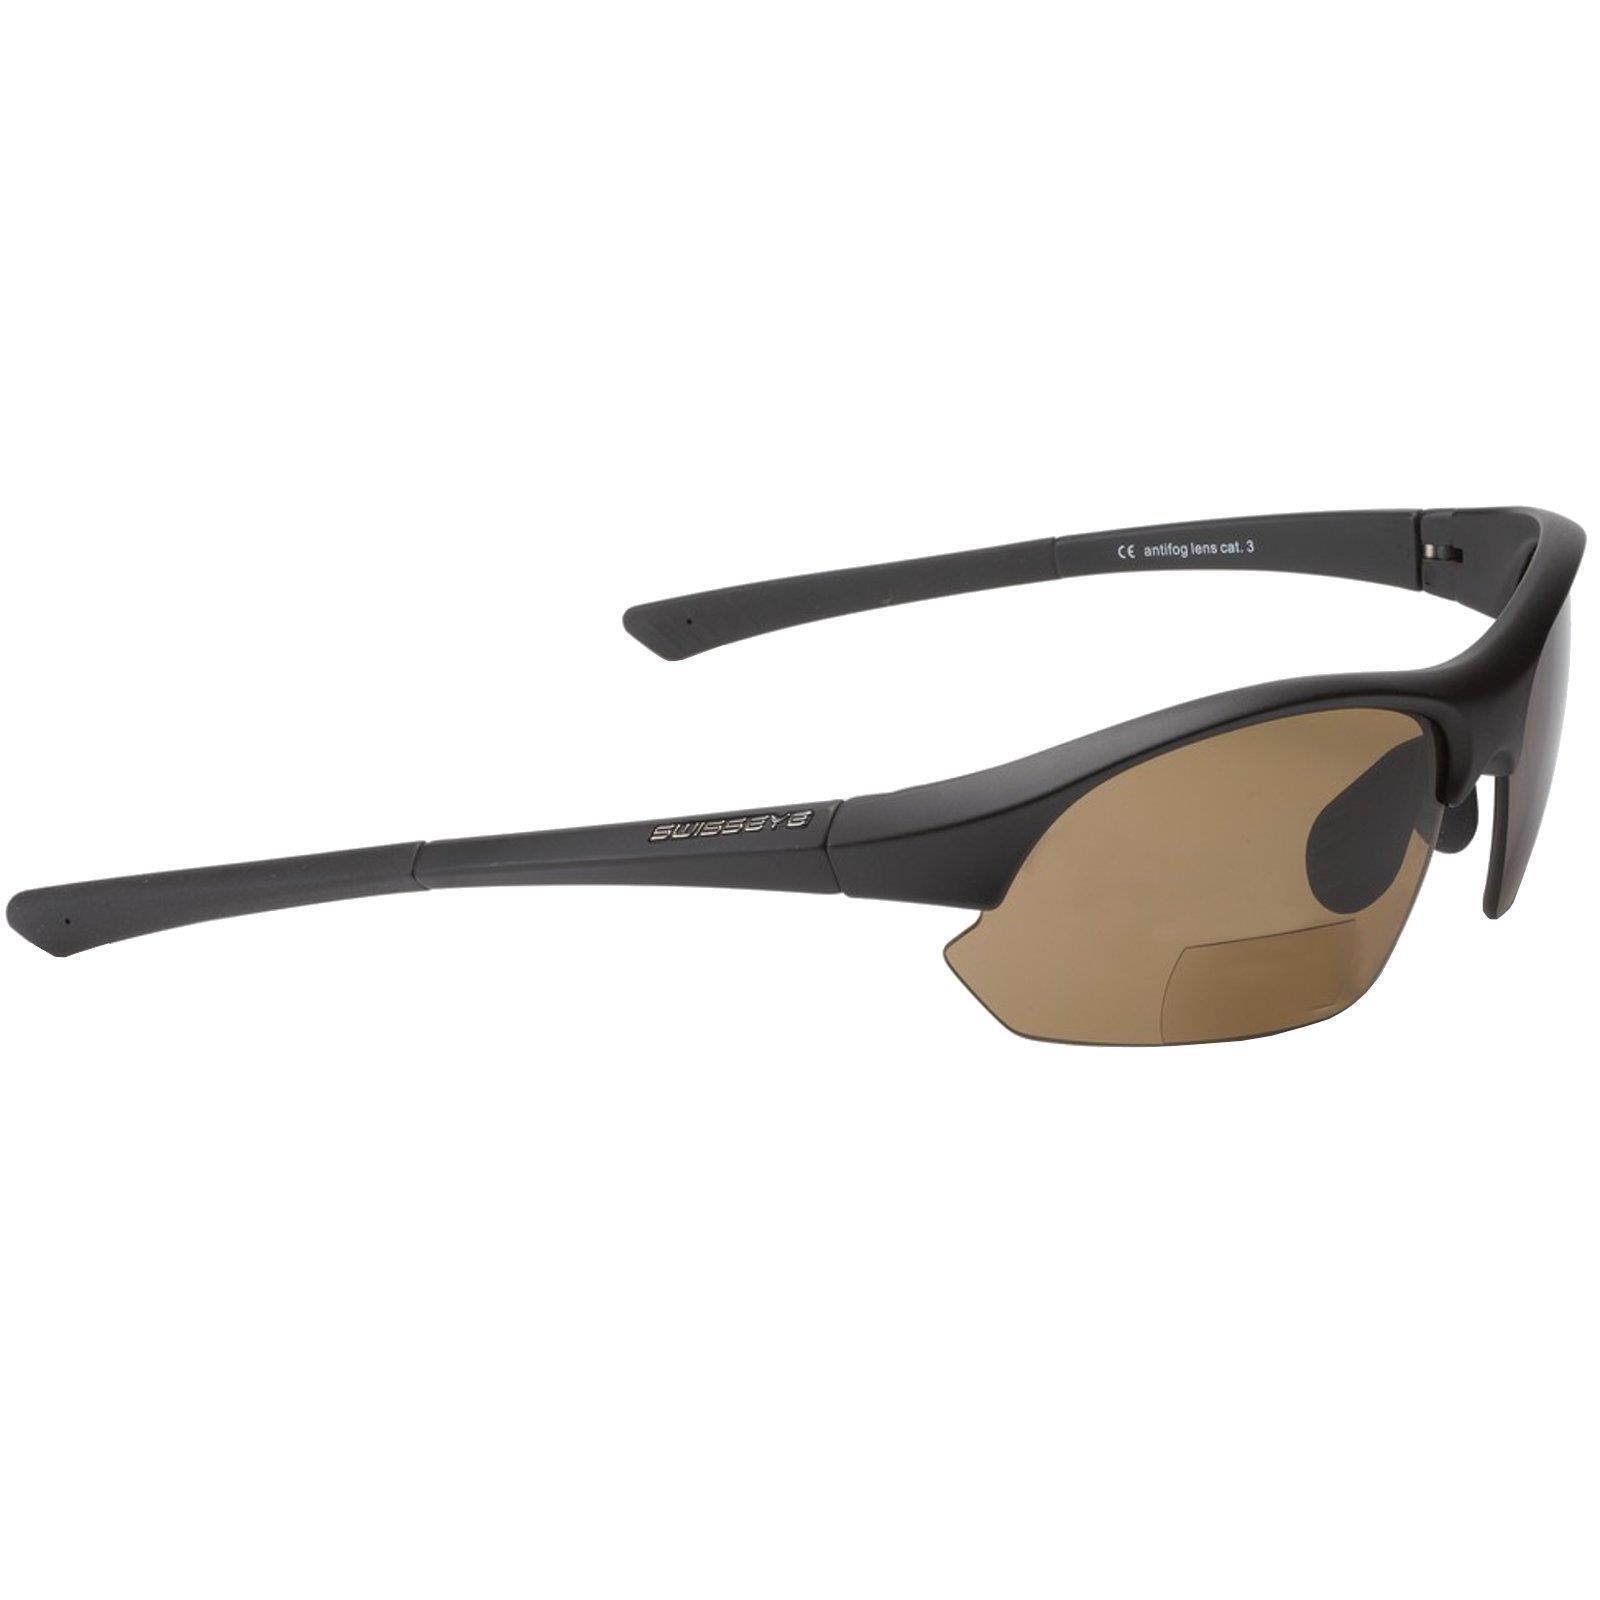 Swisseye Fahrrad Sport Brille Slide Bifocal brown 2,5 dpt Wechsel Scheiben Klar